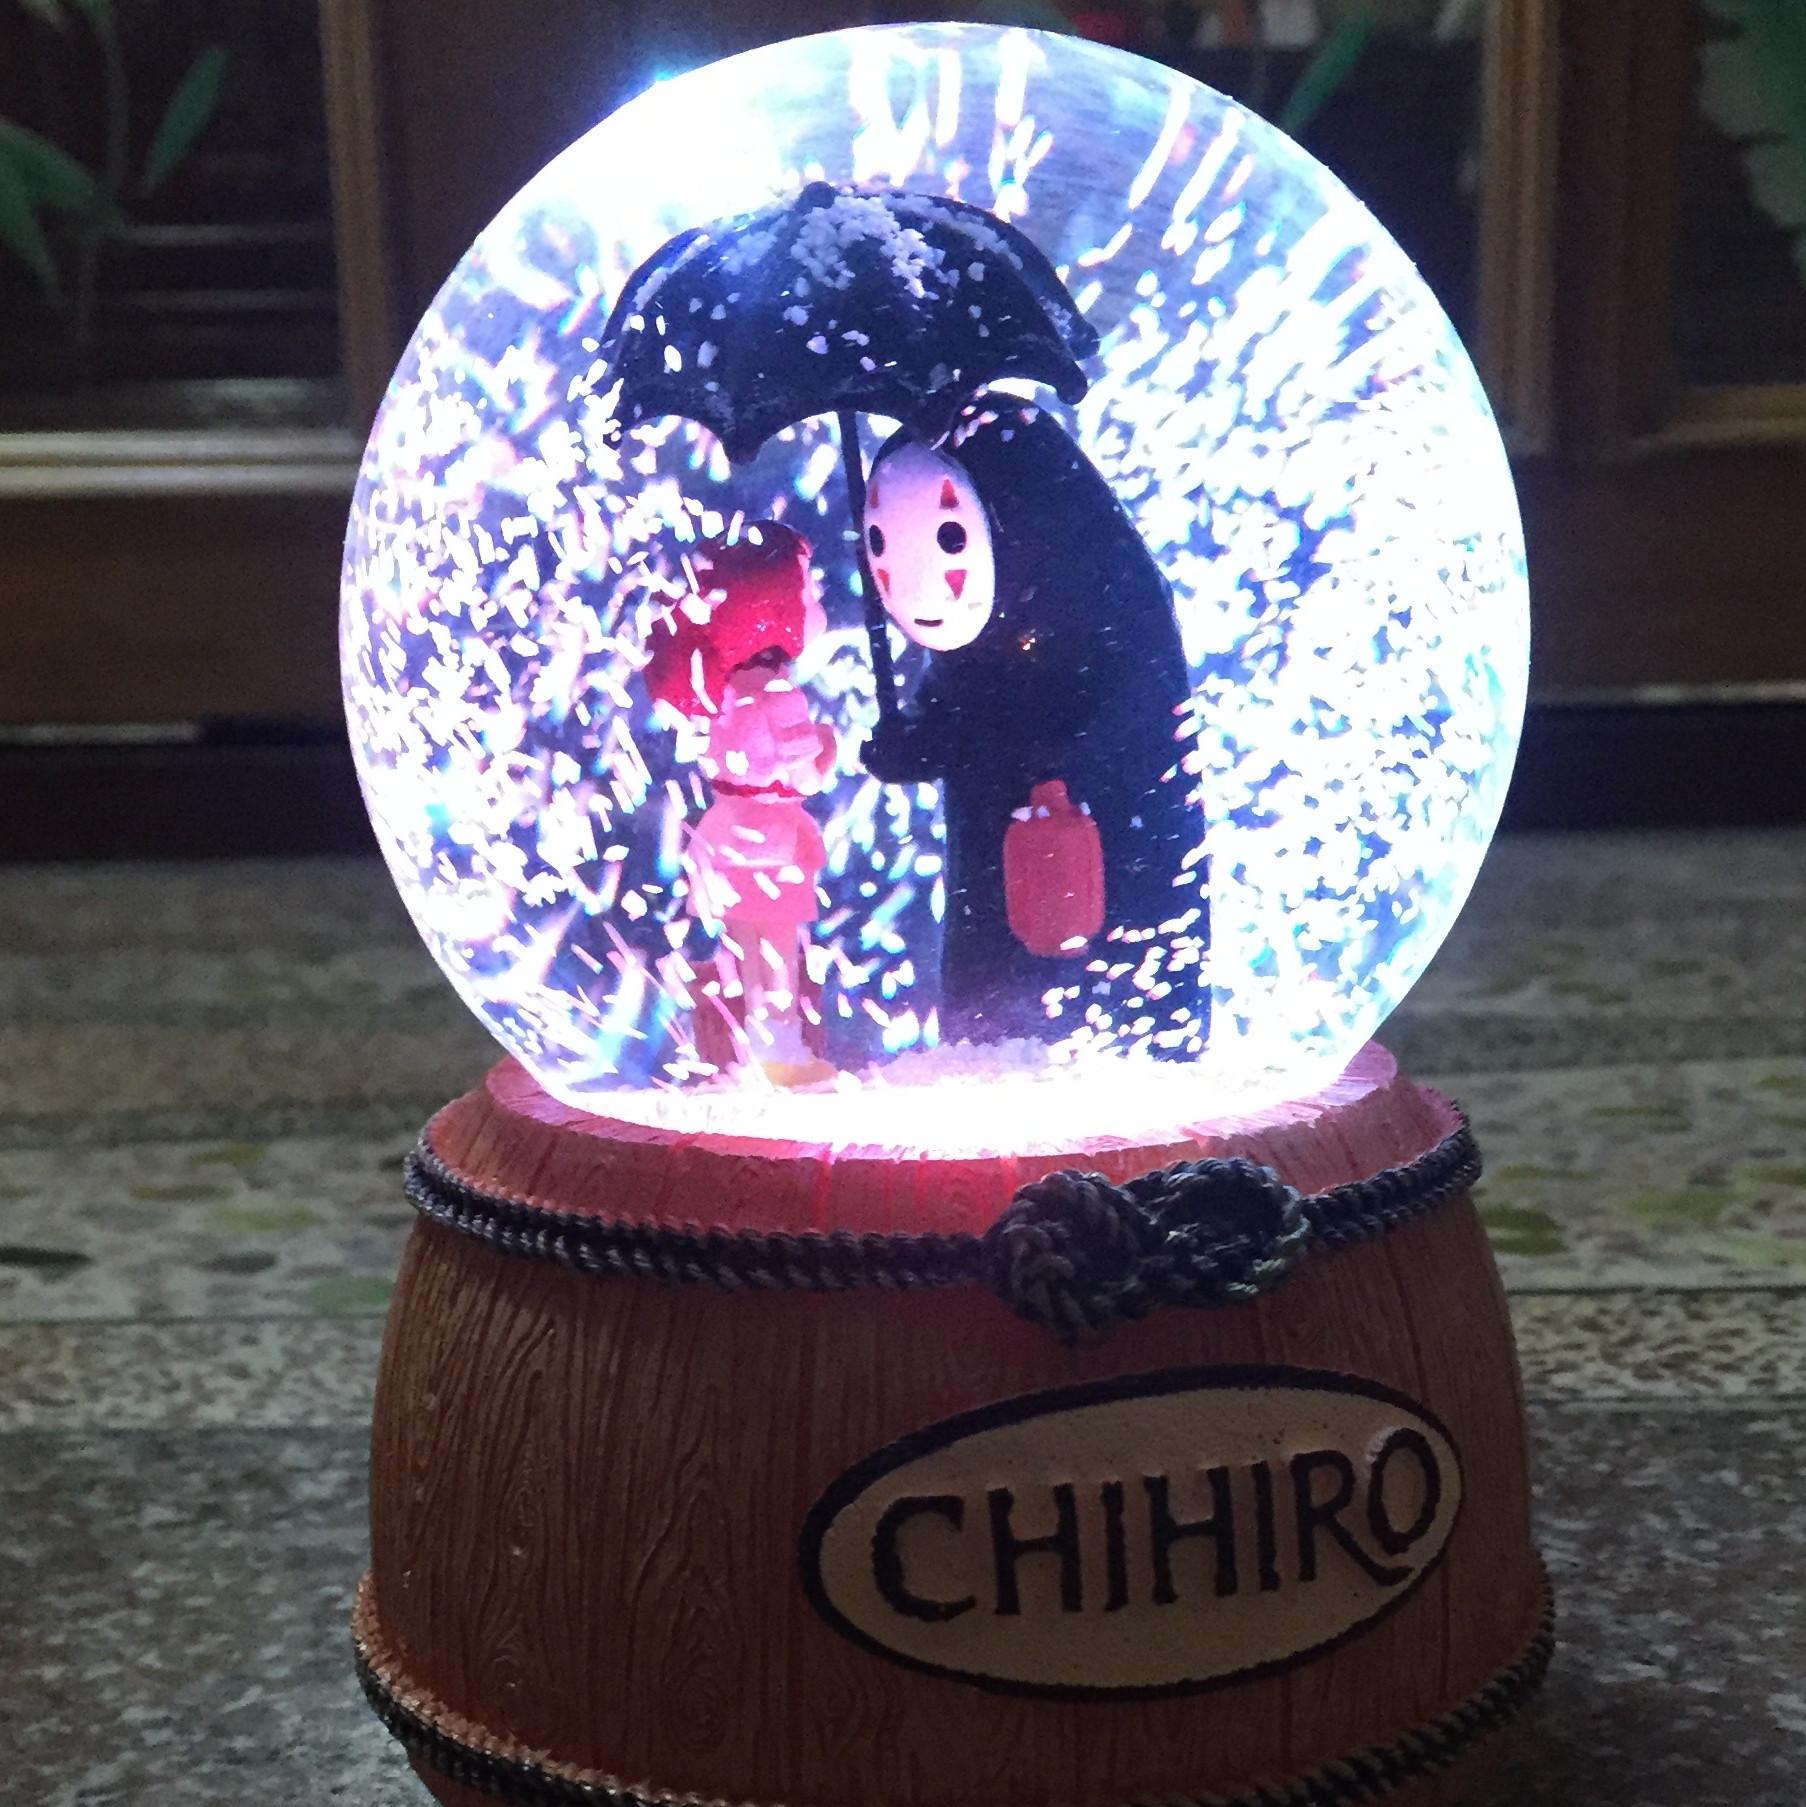 Hayao Miyazakis decorations, snowflakes, crystal tiktok, music box, hand shaking voice, red girls birthday gift